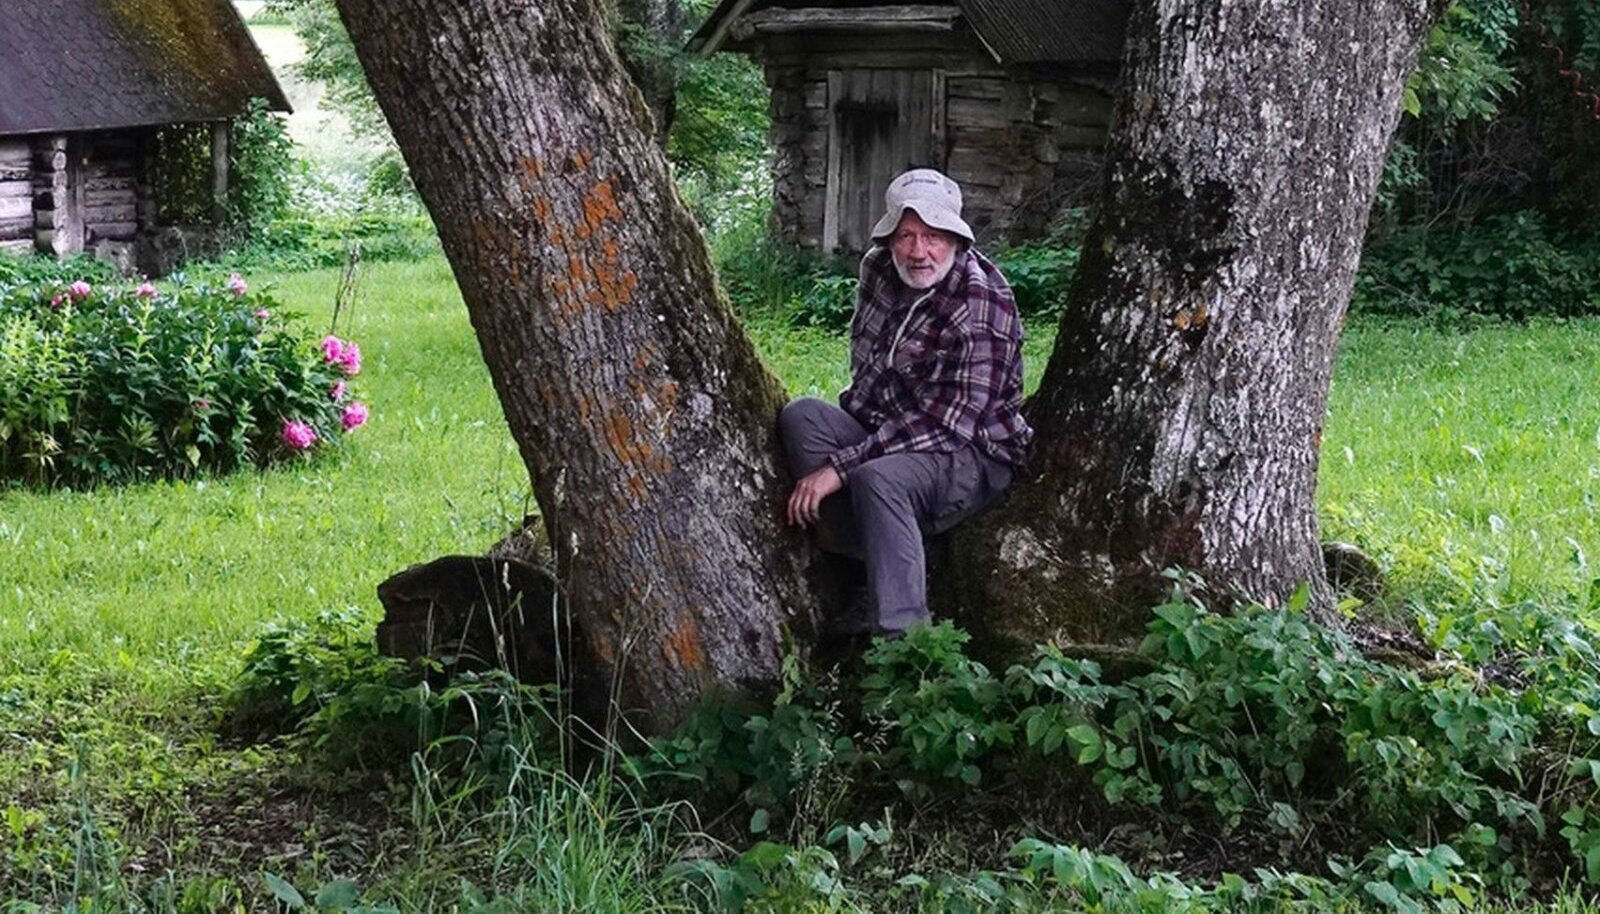 Hendriku oma põlispuu on suguseltsi talu õues kasvav saar. Selle algsest neljast harust on praeguseks järele jäänud kaks